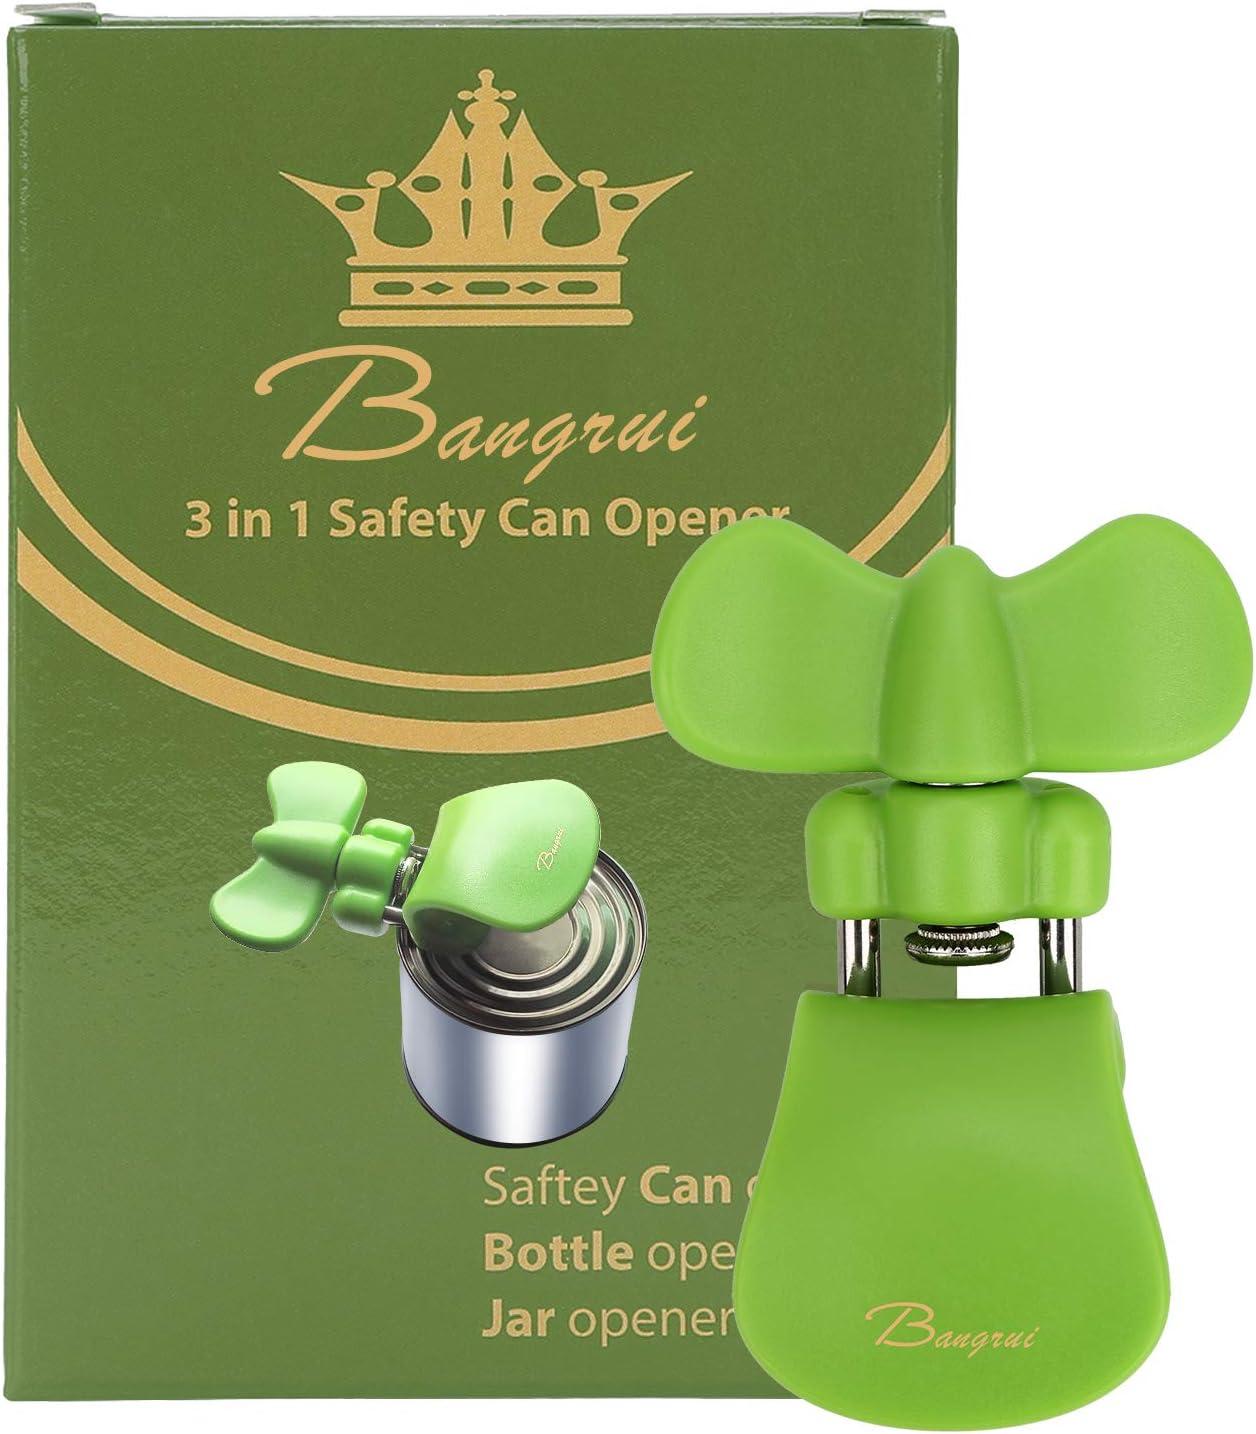 Bangrui Abrelatas Manual,abridor de Botellas,abridor de Botellas/&Abrelatas profesional3en1Bangrui.Los Bordes Son ordenados y Lisos.Adecuado para los usuarios Zurdos y al Aire Libre Verde